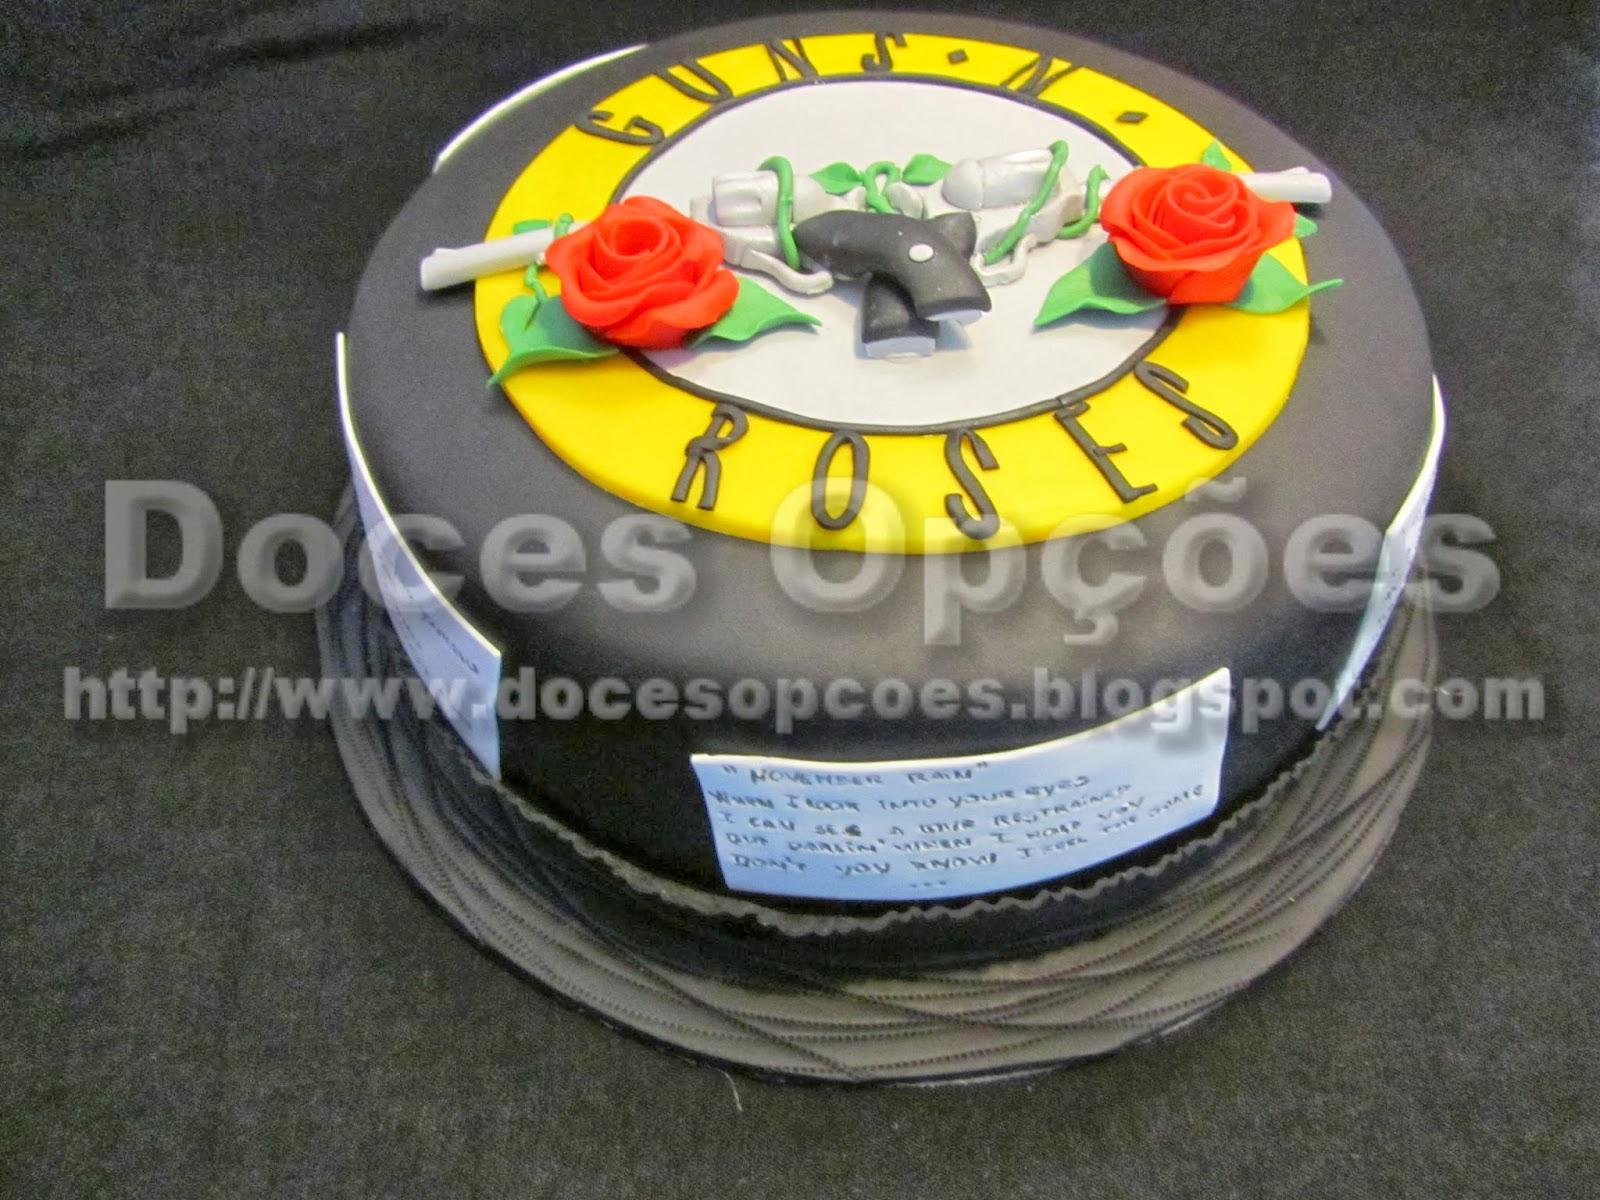 Guns N' Roses cake